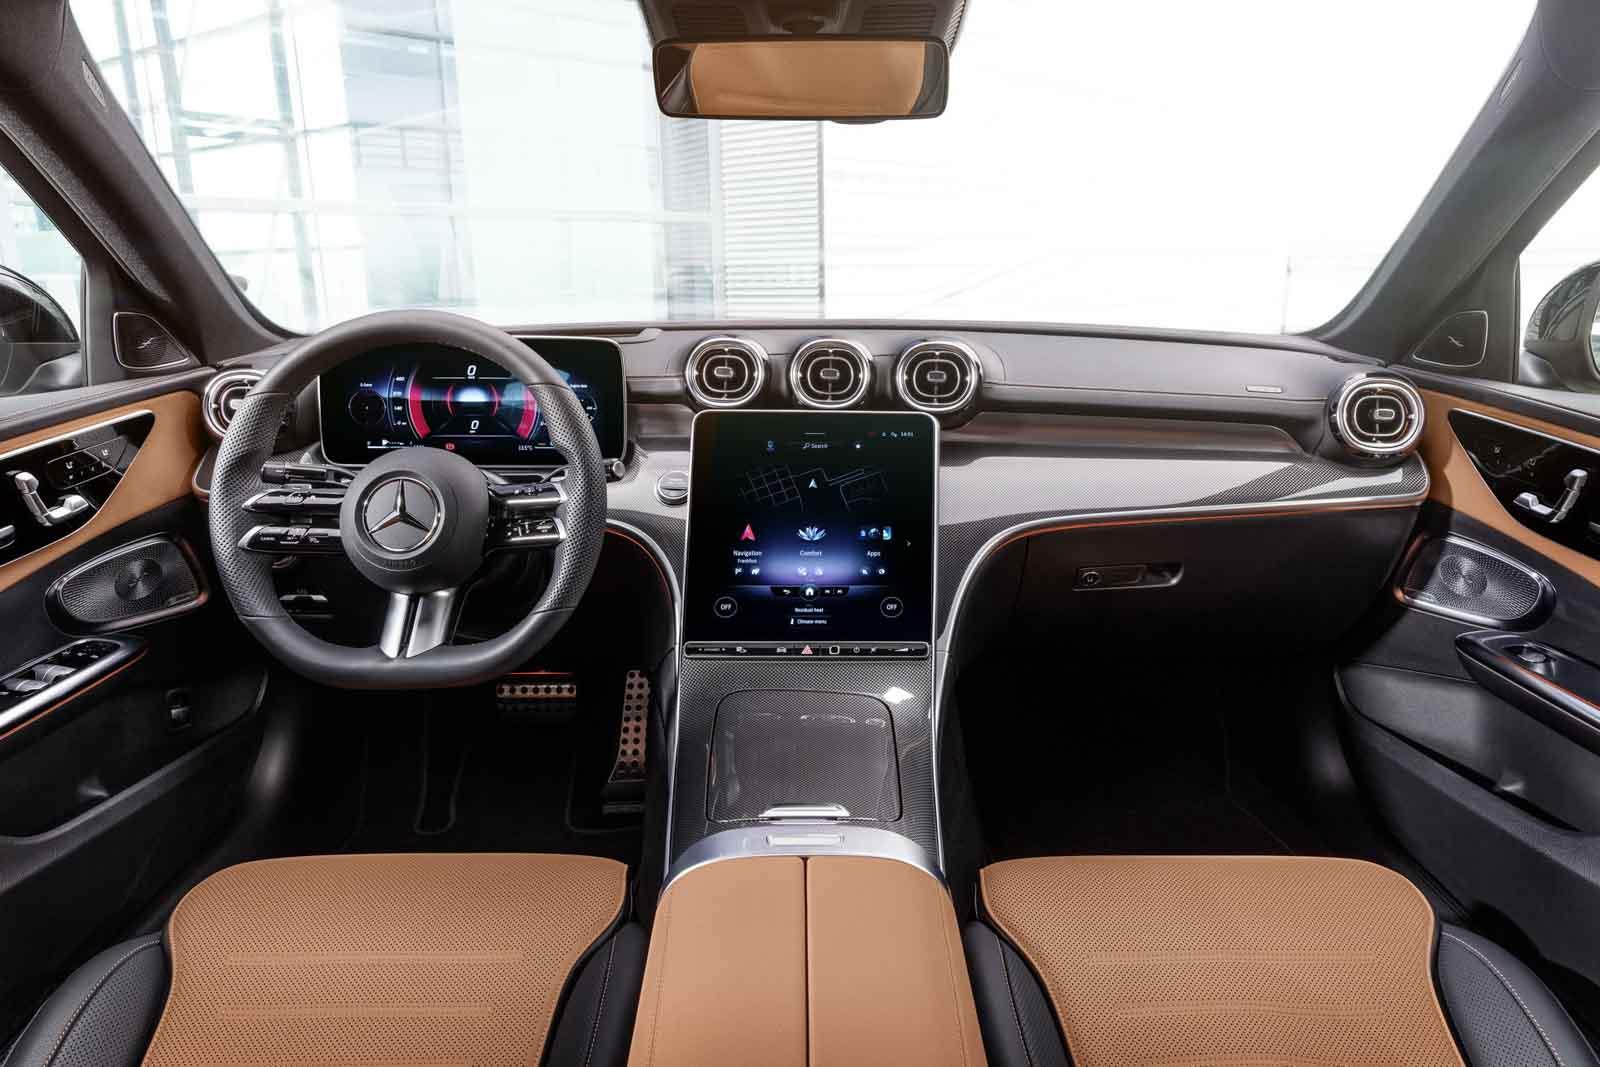 2022 Mercedes-Benz C-Class Interior